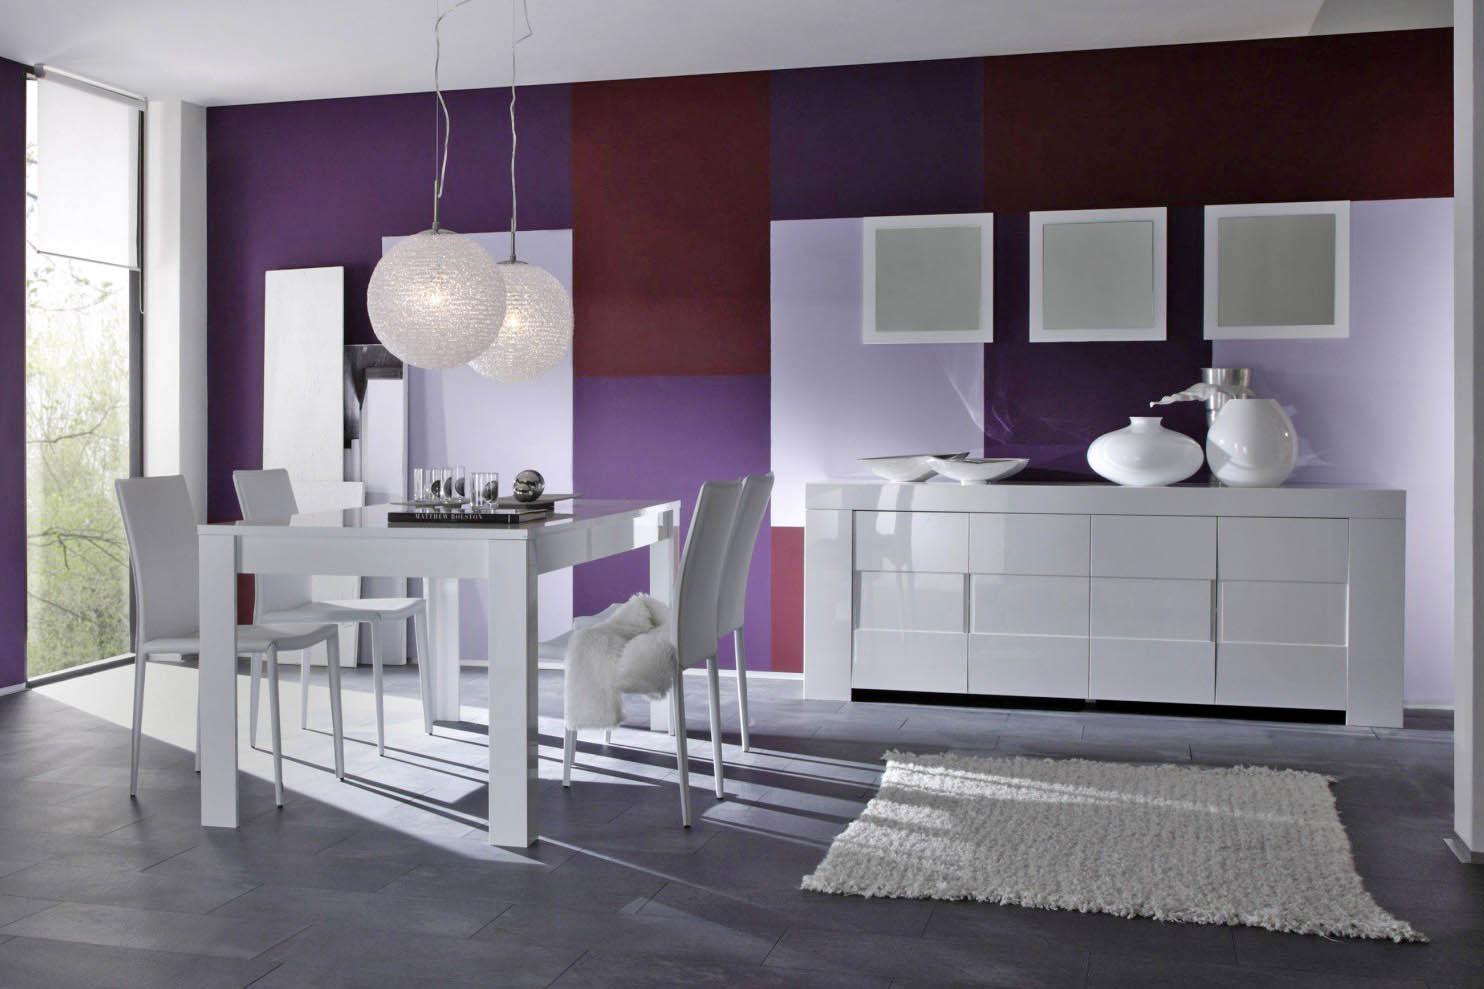 Salle manger meubl et design blanc meuble et for Mobilier salle a manger